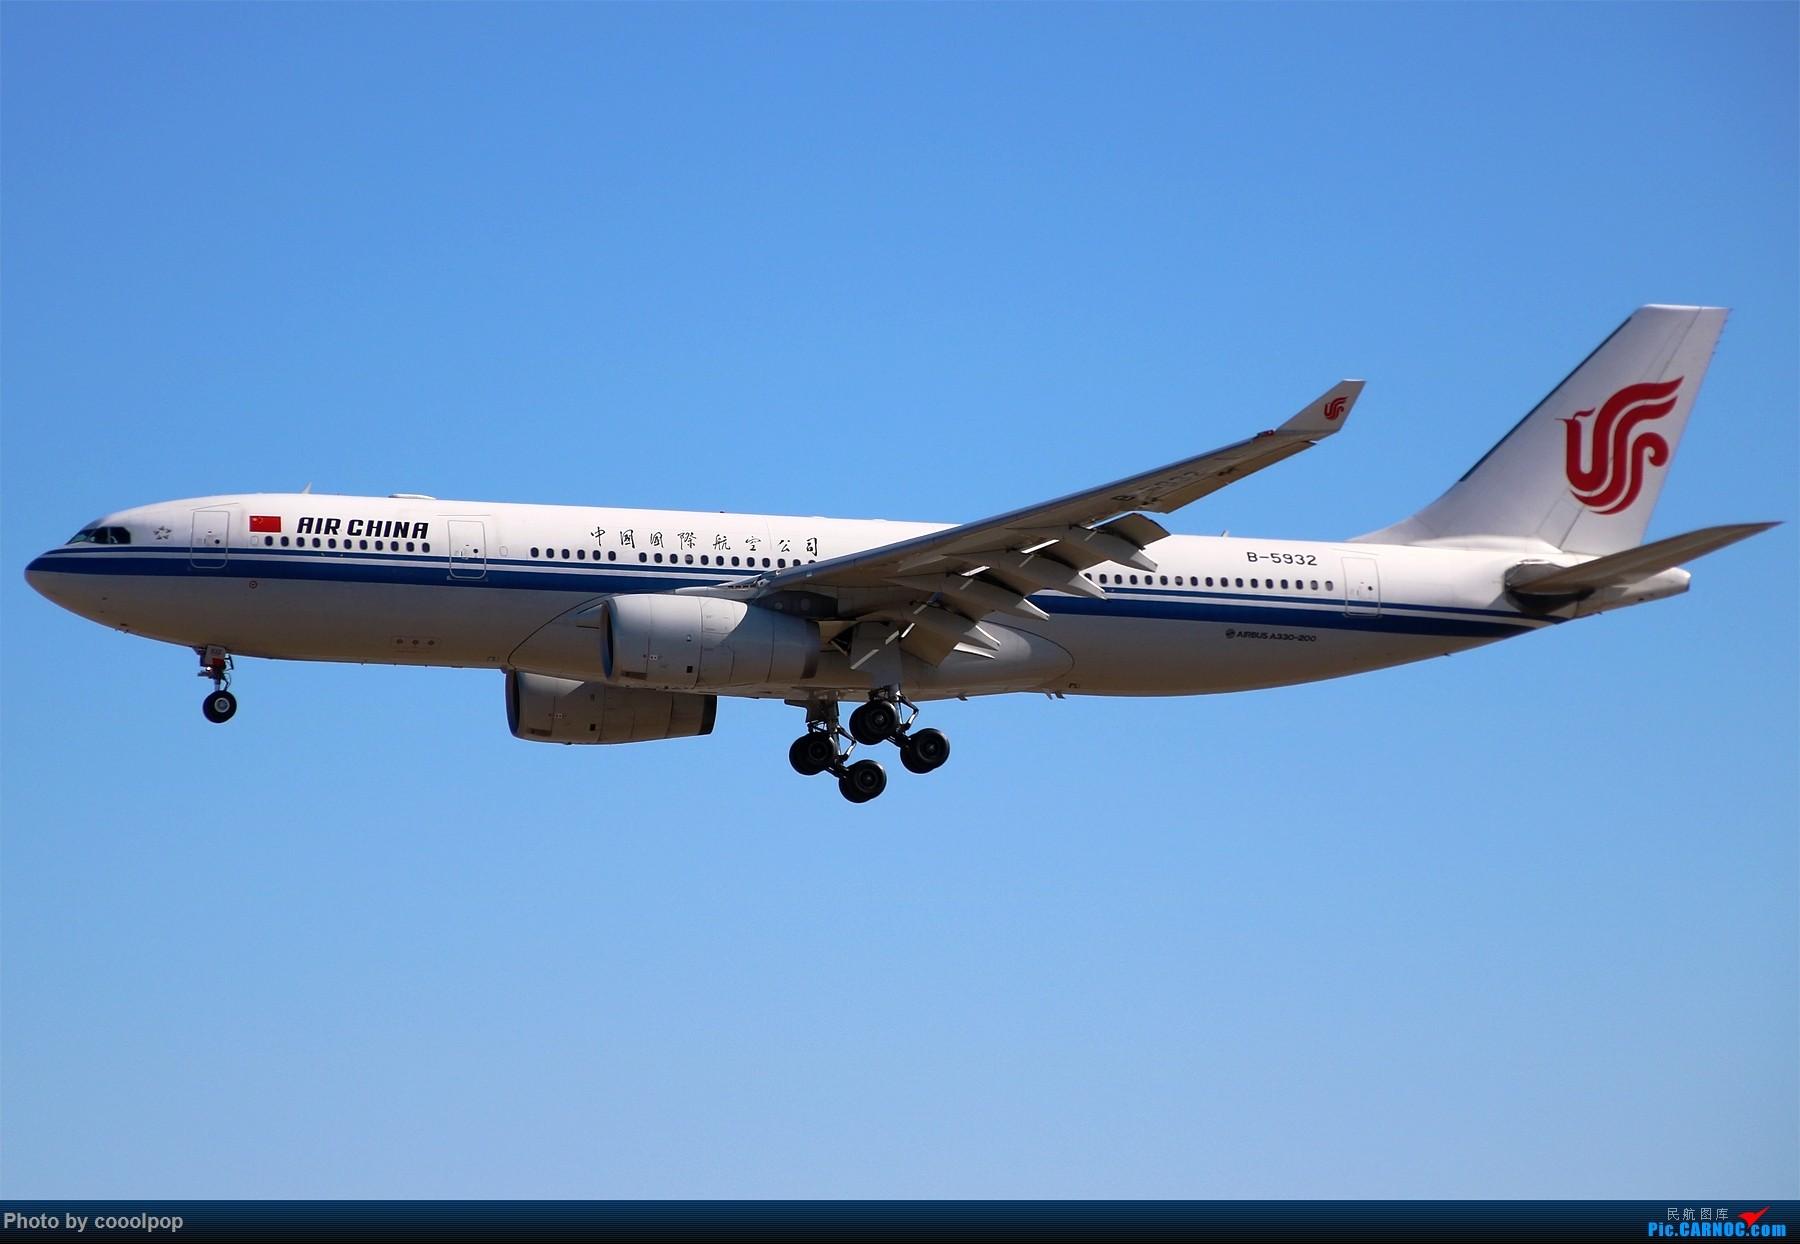 Re:[原创]PEK T3 桥上的一些大鸟!牌彩绘是要拼人品哒! AIRBUS A330-200 B-5932 中国北京首都国际机场